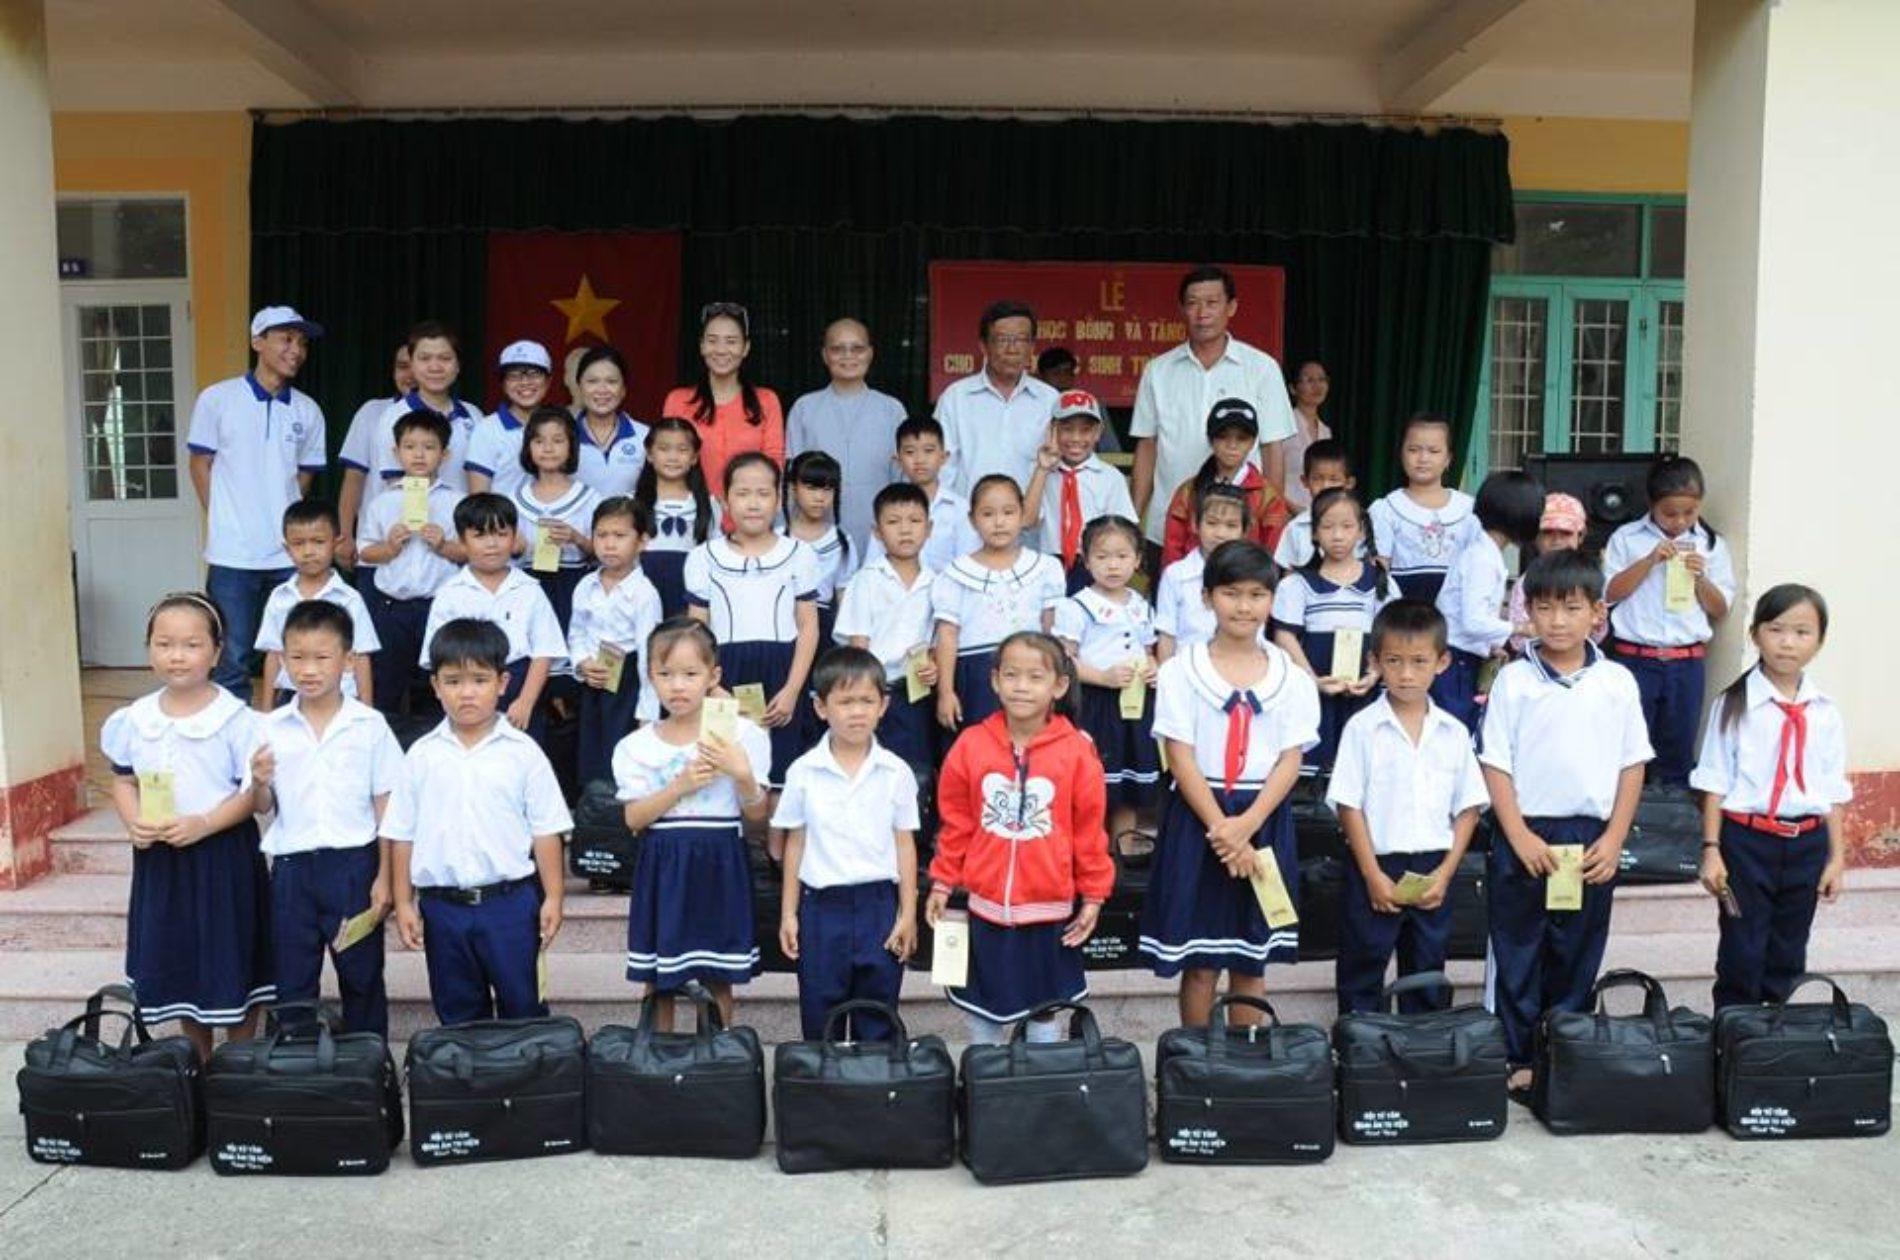 Quan Âm Tu Viện trao tặng học bổng, dụng cụ học sinh, quà trung thu cho học sinh nghèo